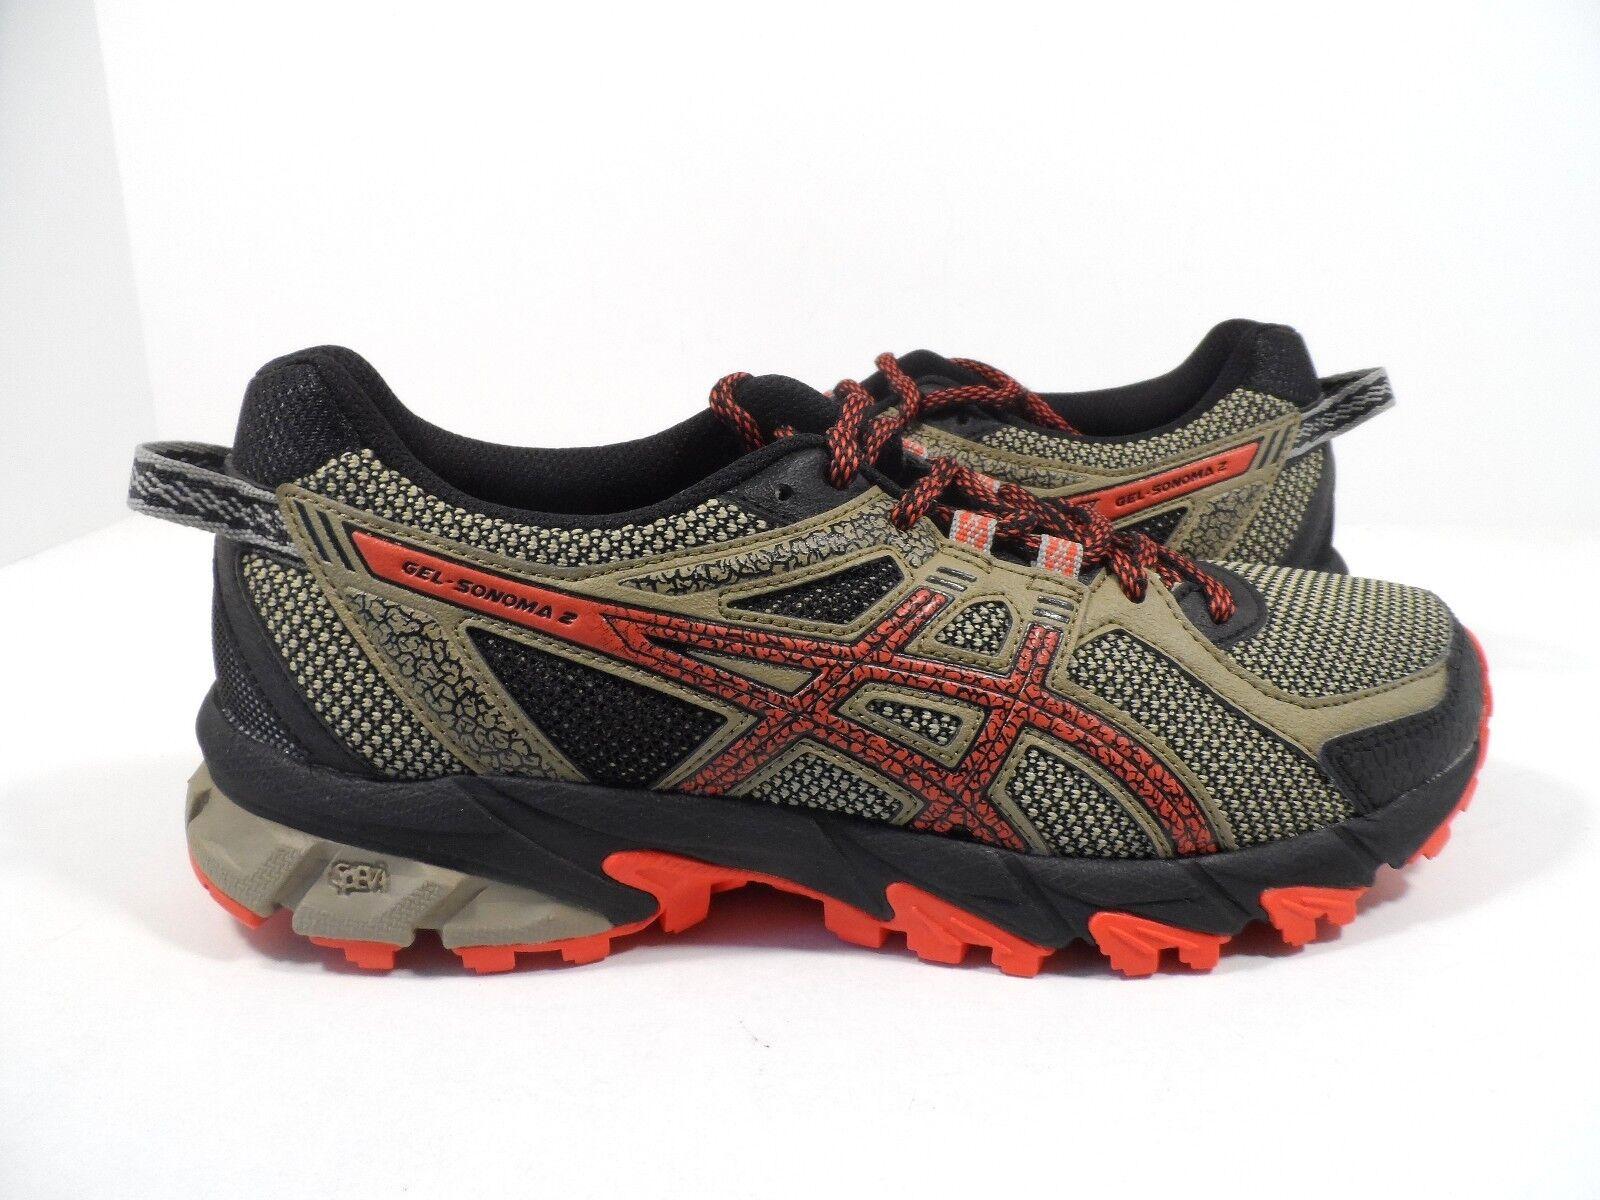 ASICS Men's Gel-Sonoma 2 Running Shoe Bark/Orange/Black Size 6.5